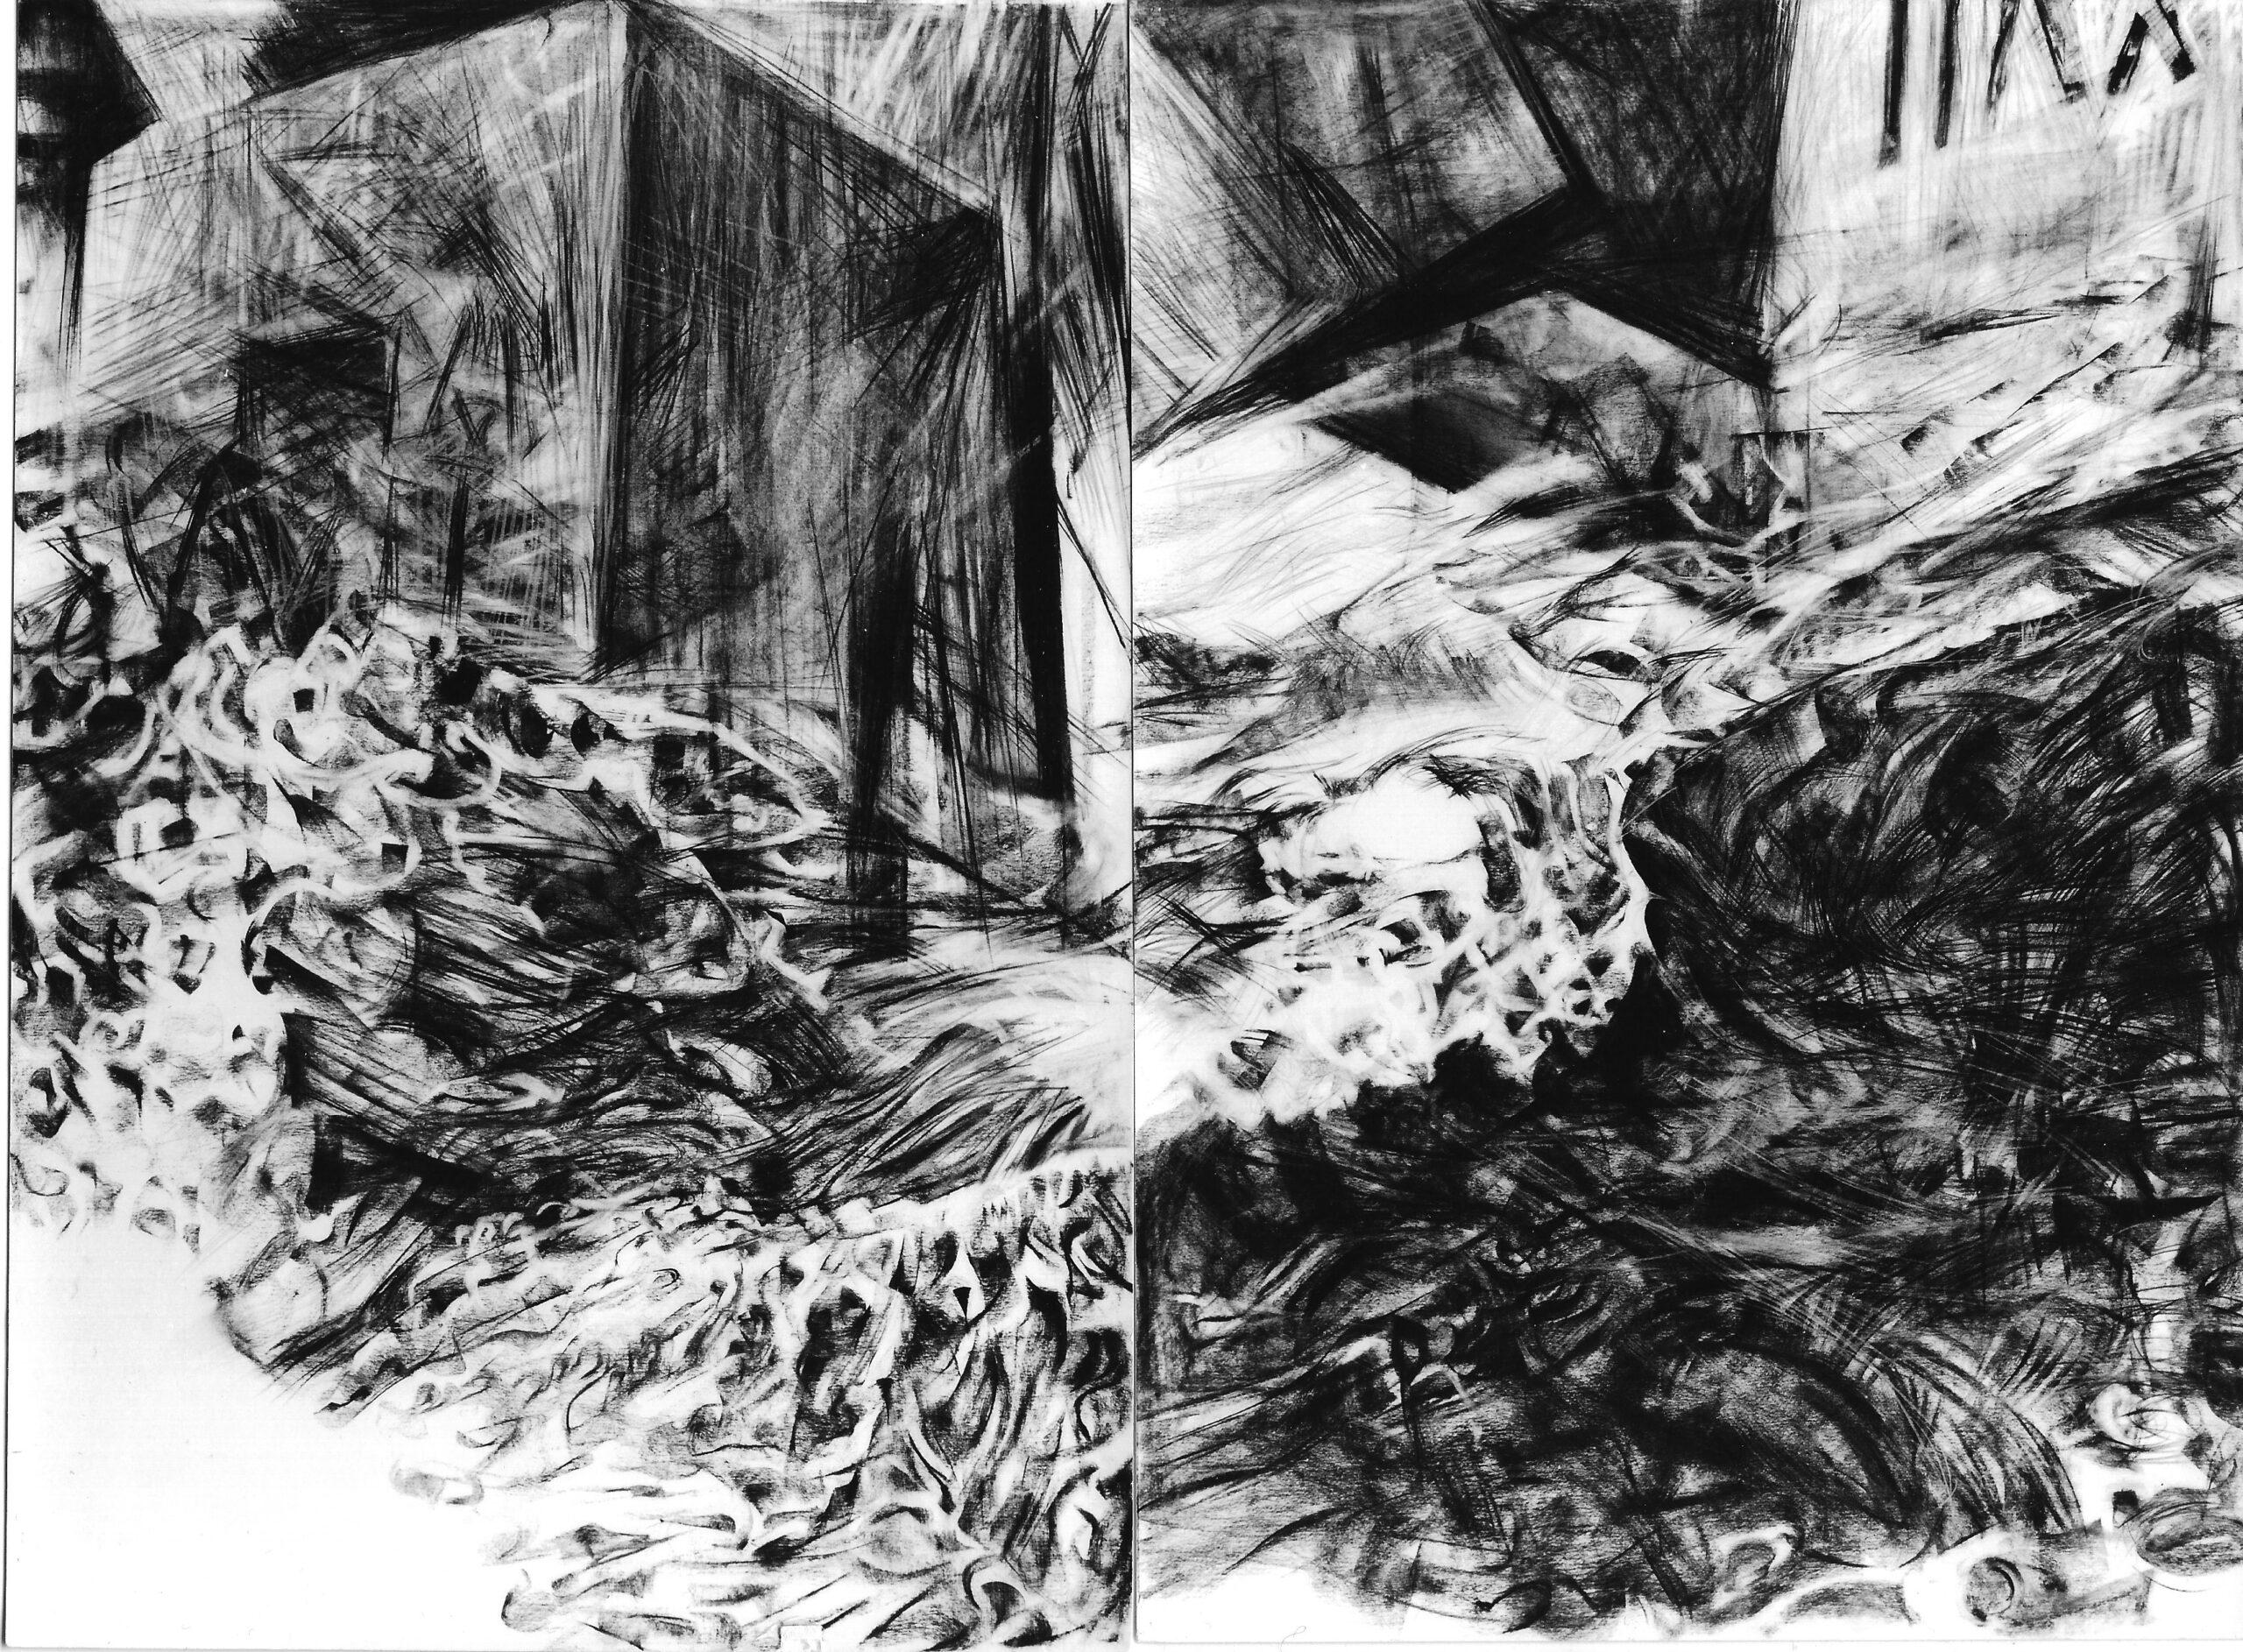 Helgoland 1987 | 8 Teile, 240 / 320 cm, 4 Ausschnitte, je 120 / 80cm, Kohlezeichnung /Bütten